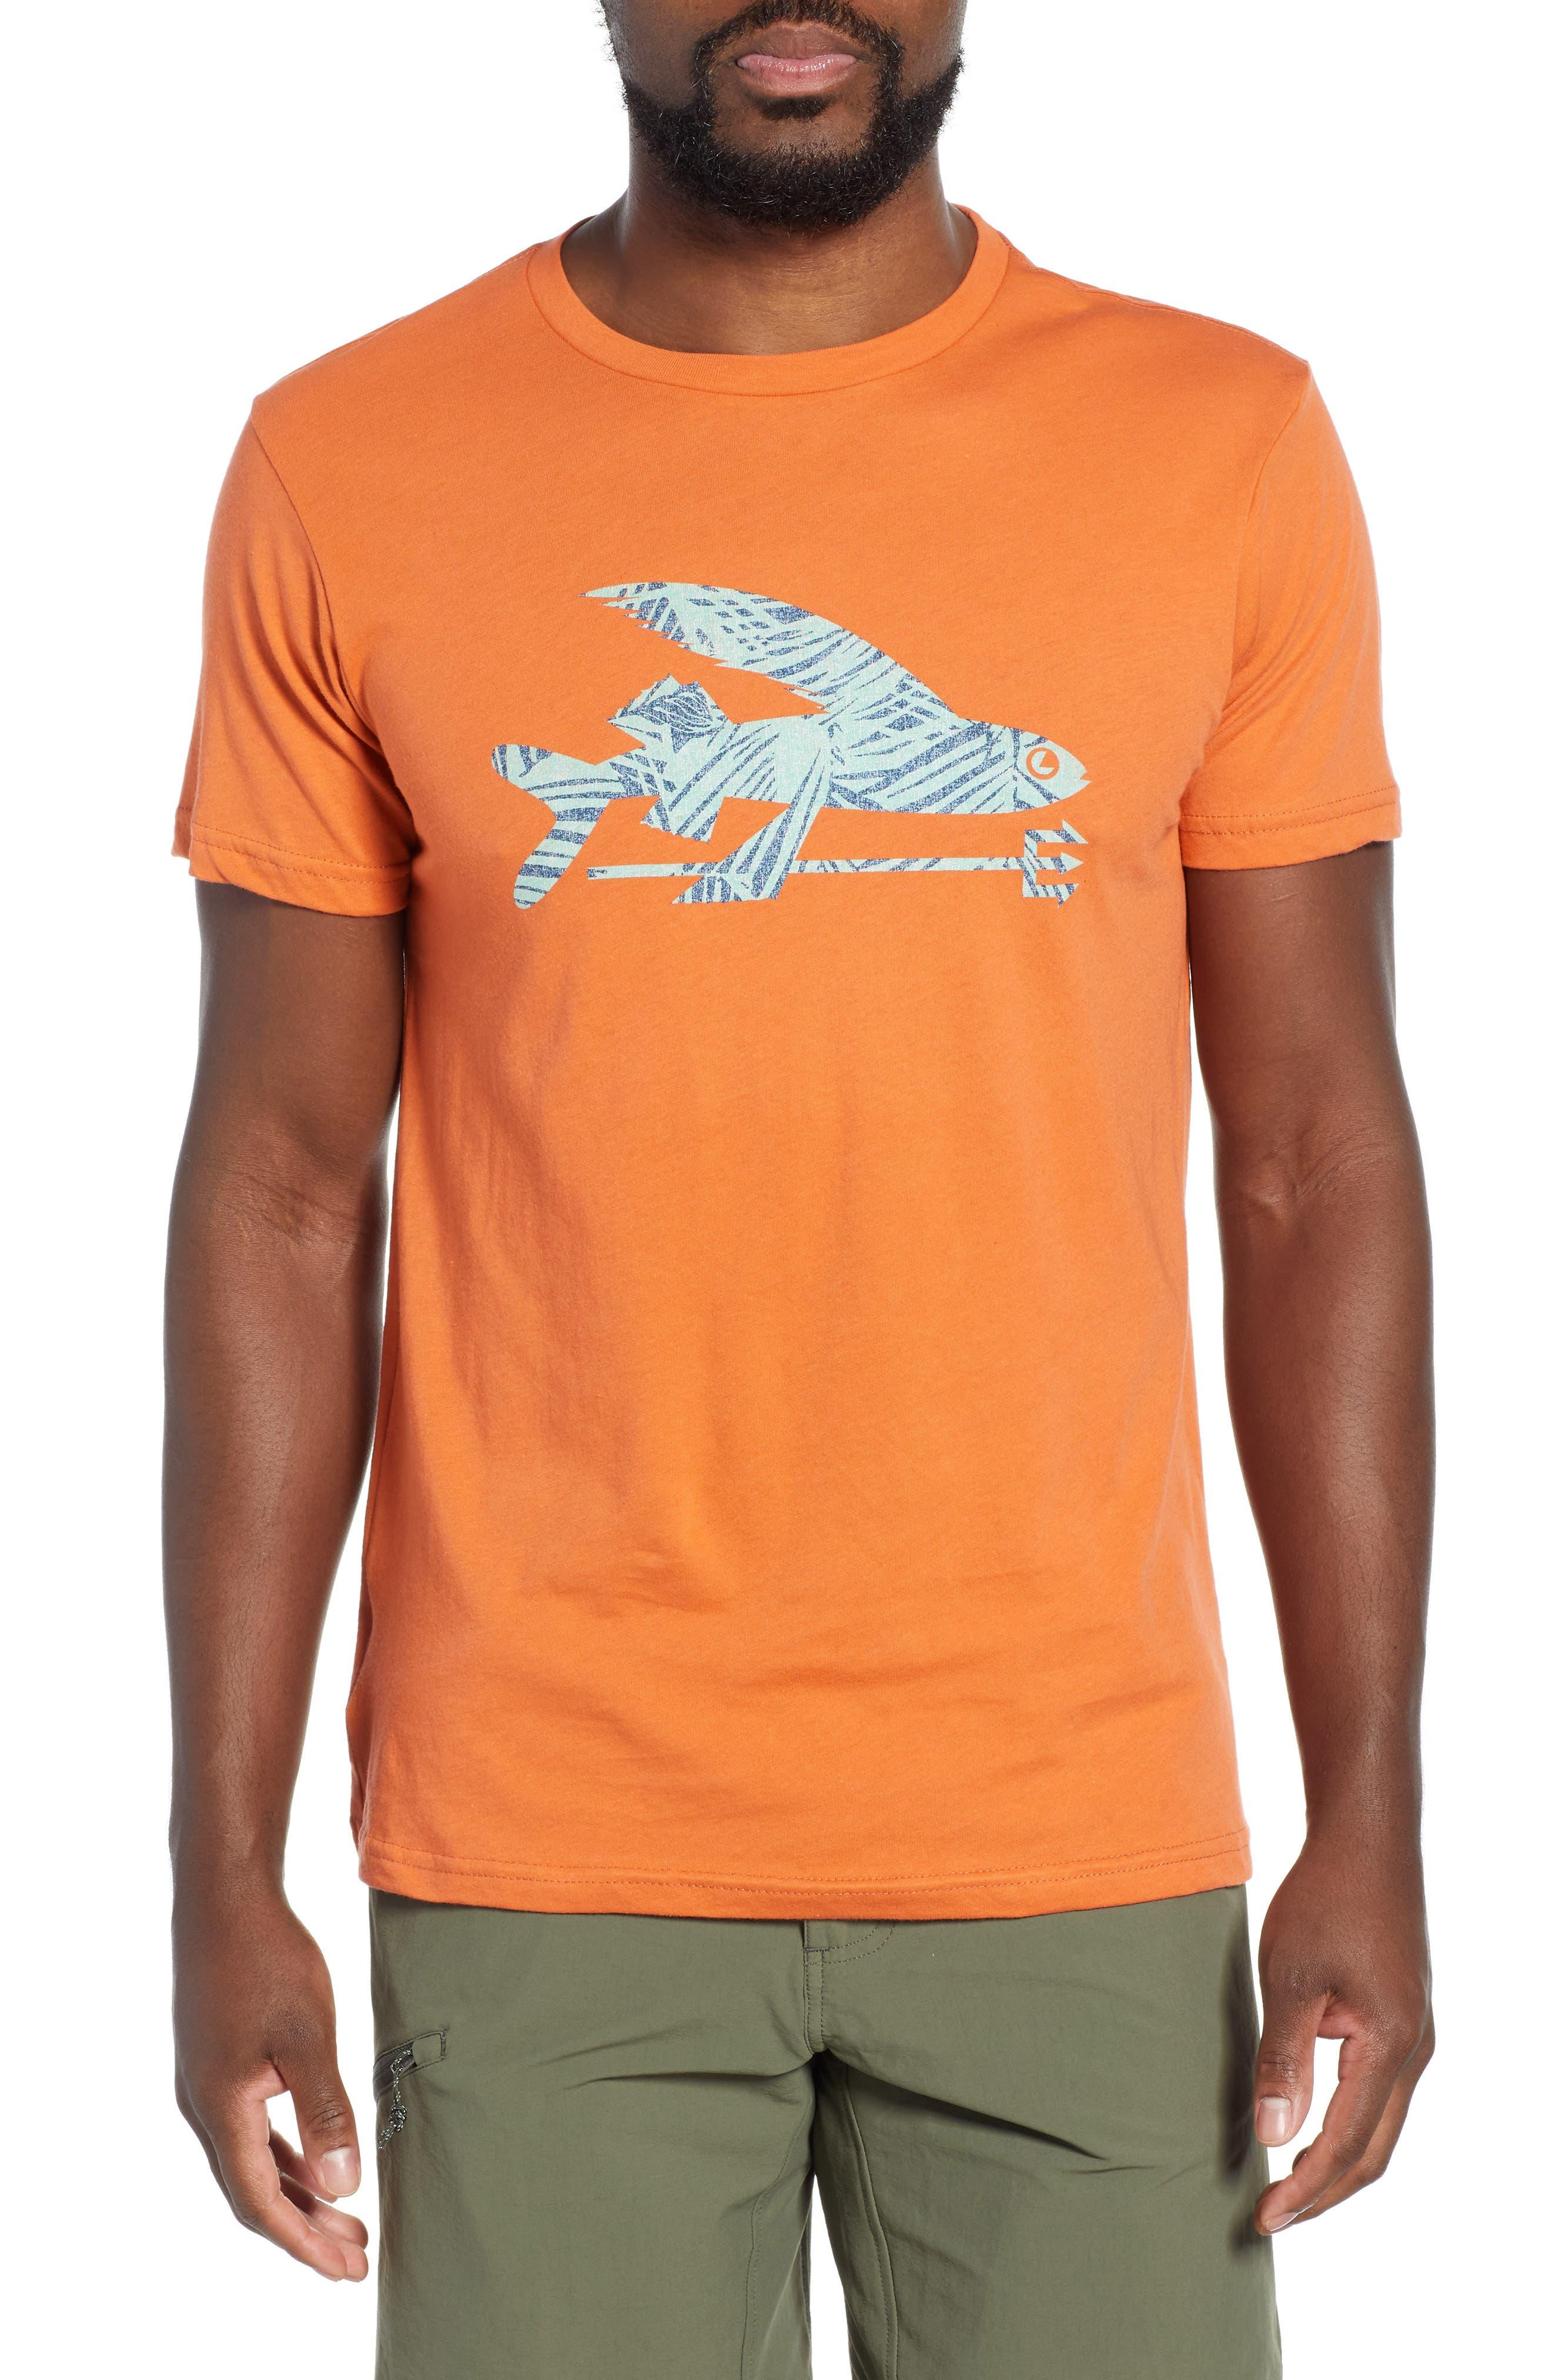 Patagonia Flying Fish Regular Fit Organic Cotton T-Shirt, Orange